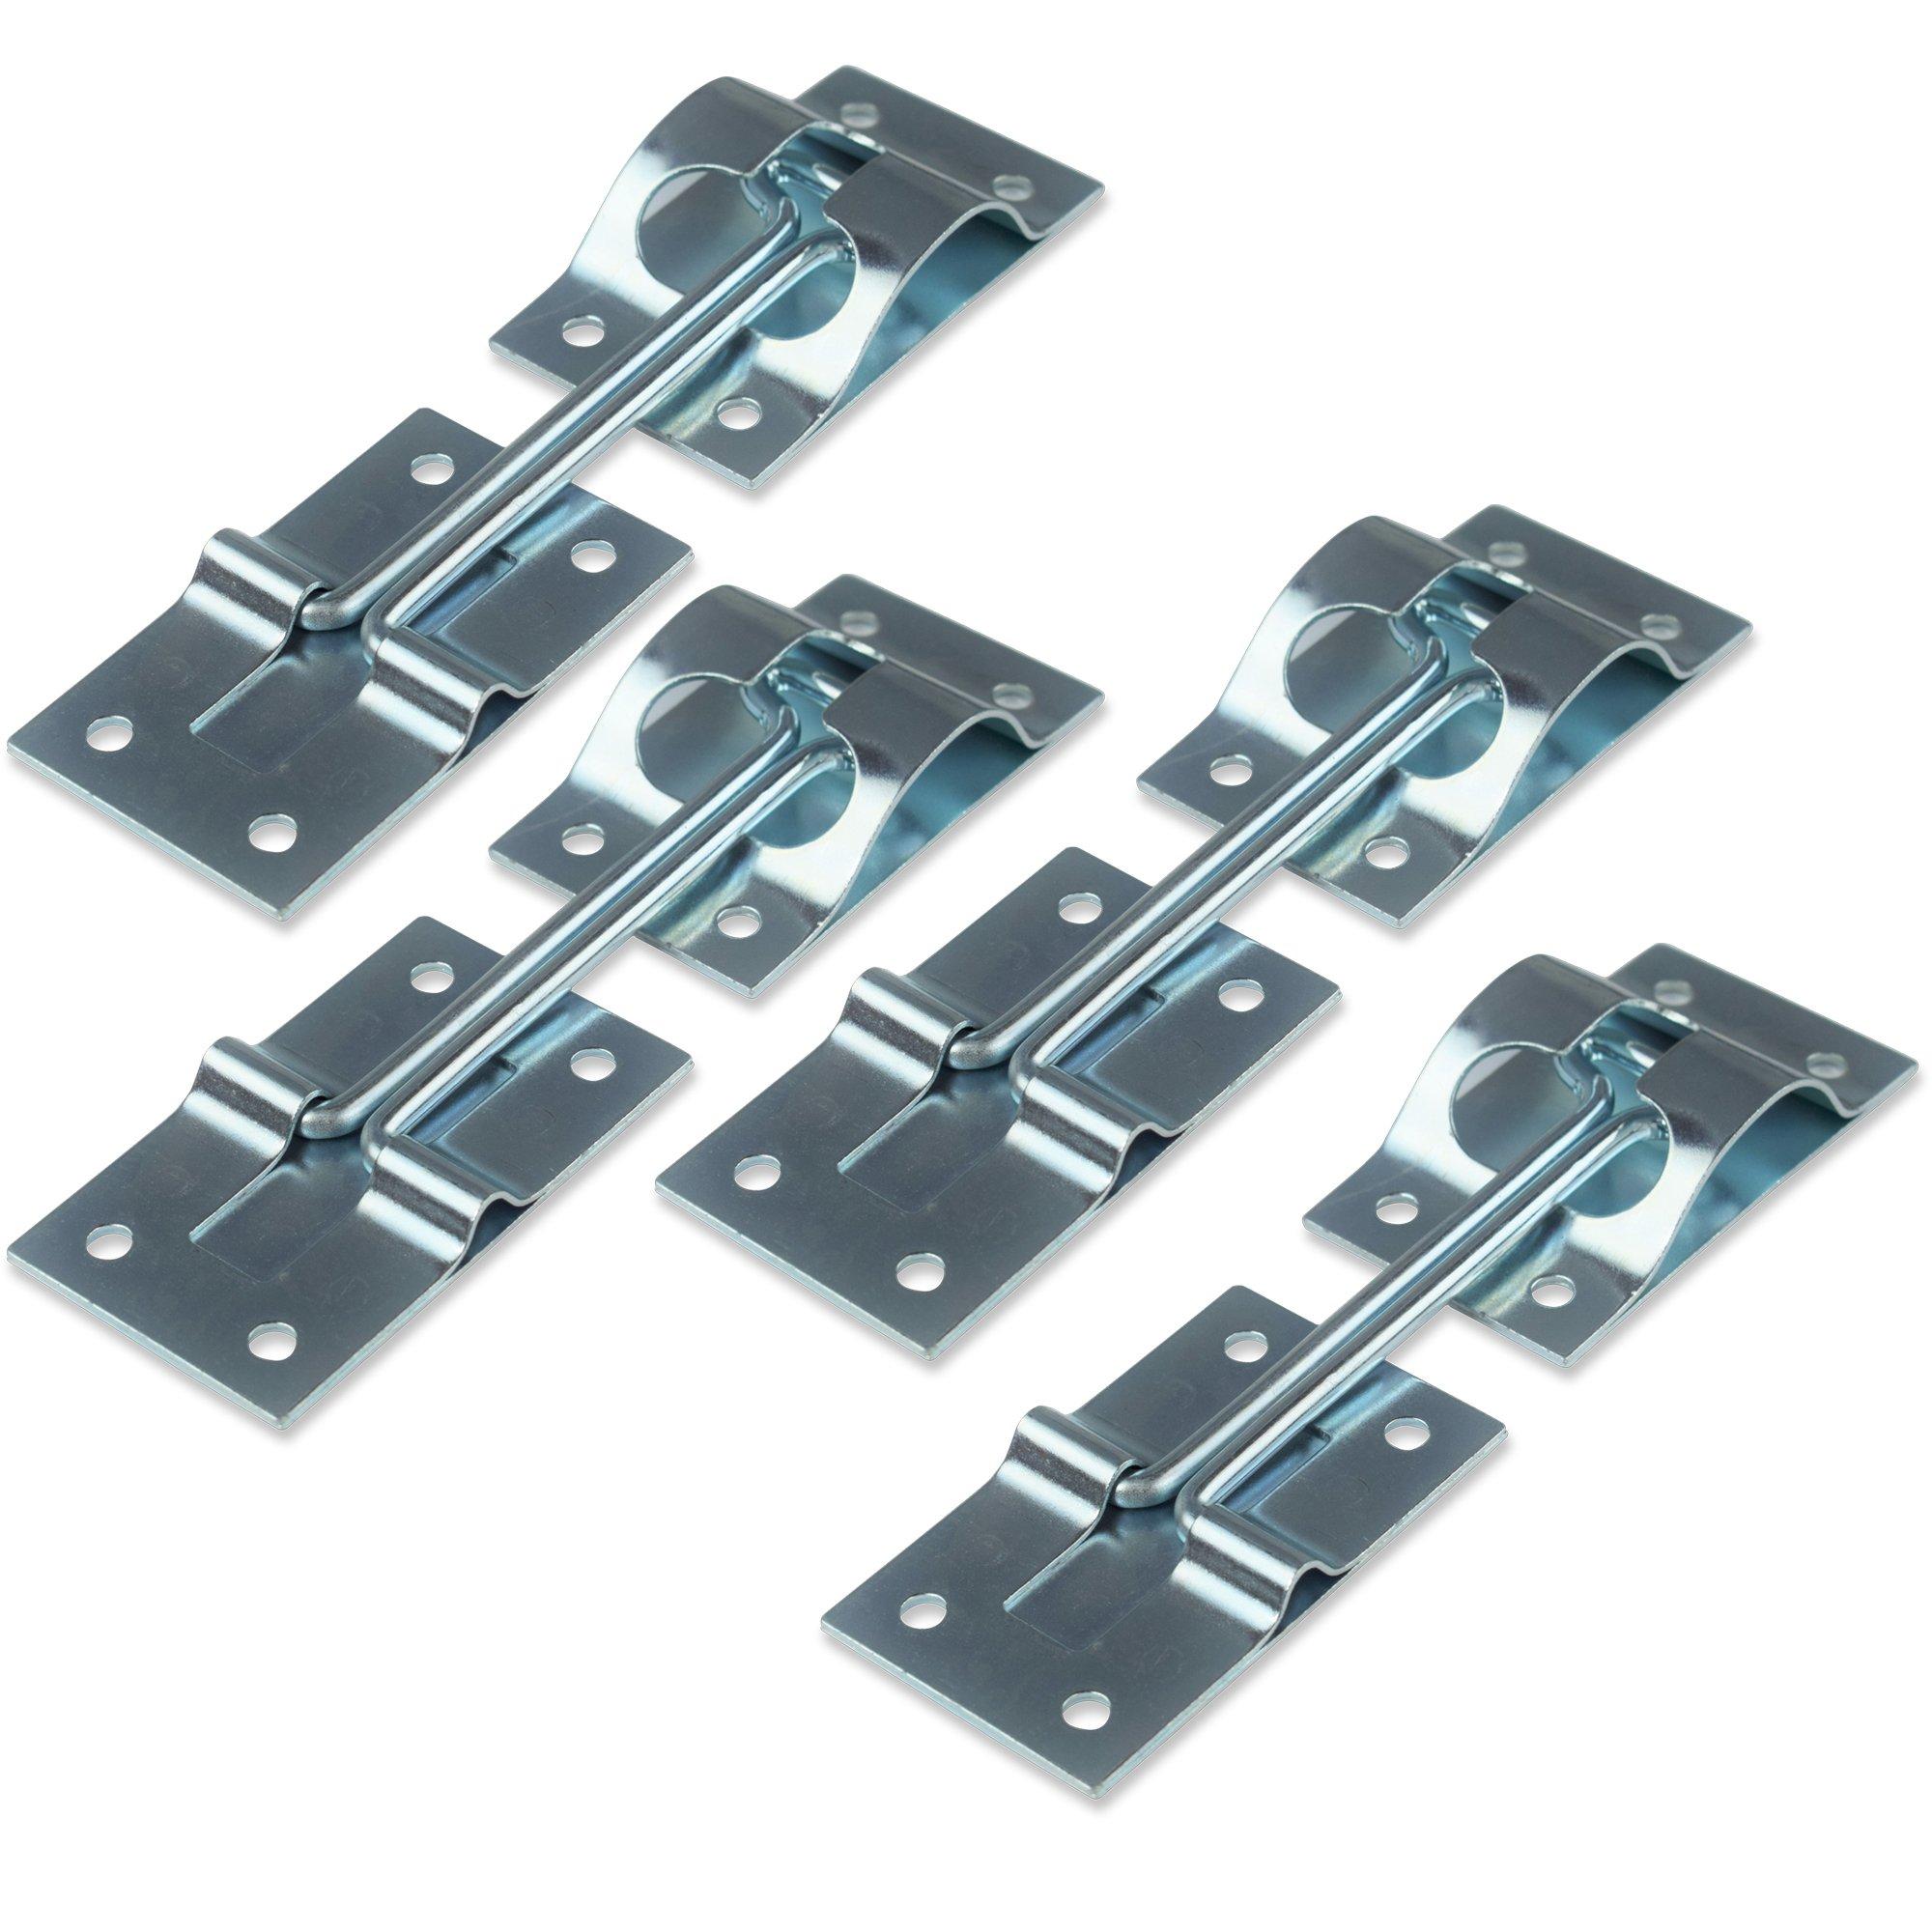 4 Pack 4'' Inch Metal T-Style Door Holder Entry Door Catch fits RV Trailer Camper Exterior Door Hold Hook & Keeper Hardware Zinc Plated Steel (4, 4'')